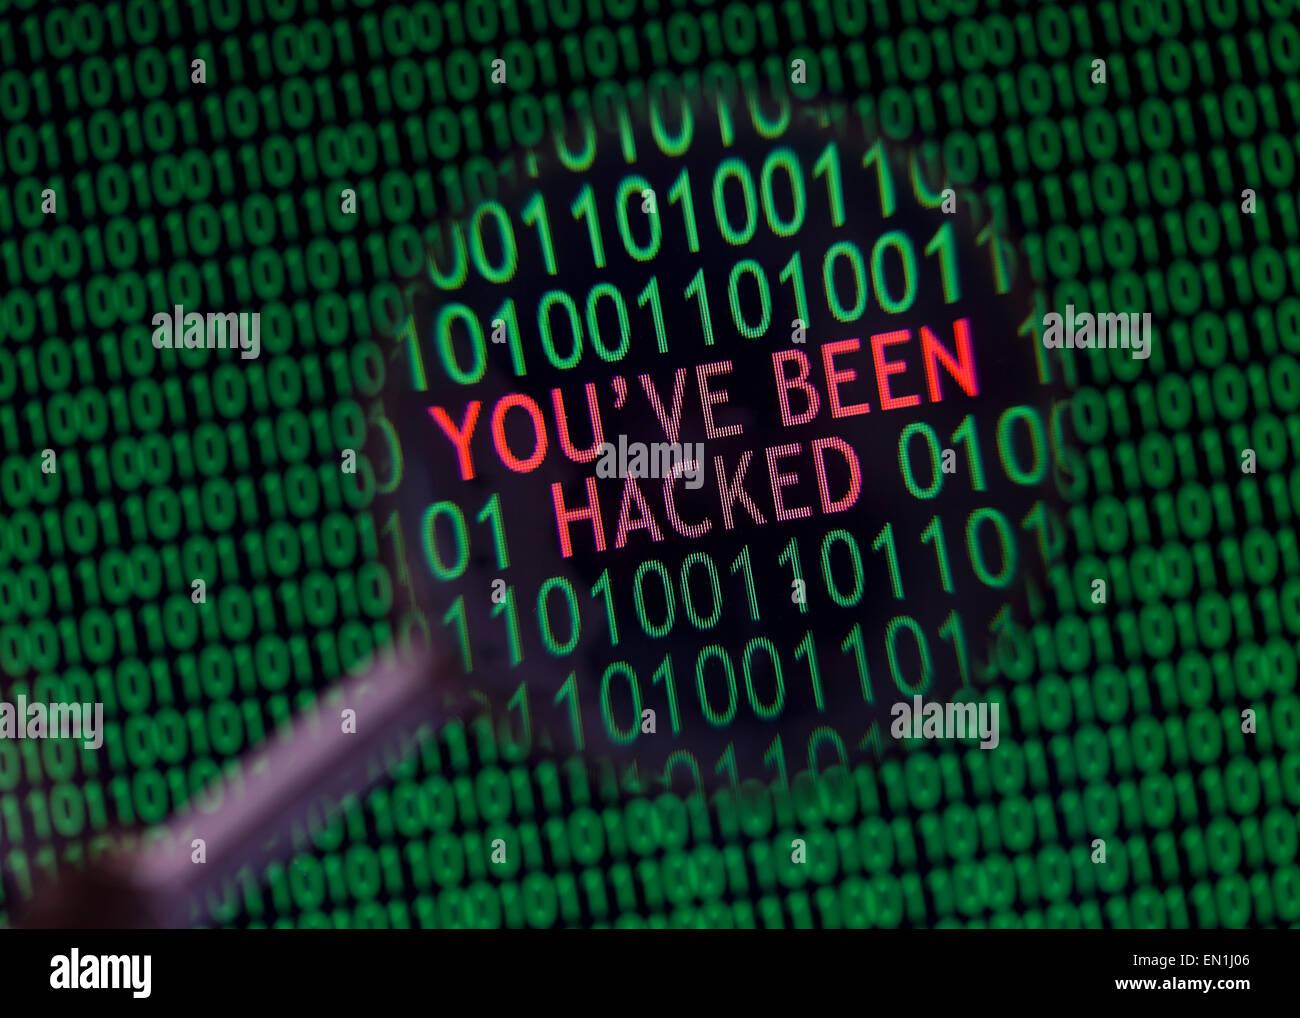 Hacked Hacked.so nude photos 2019